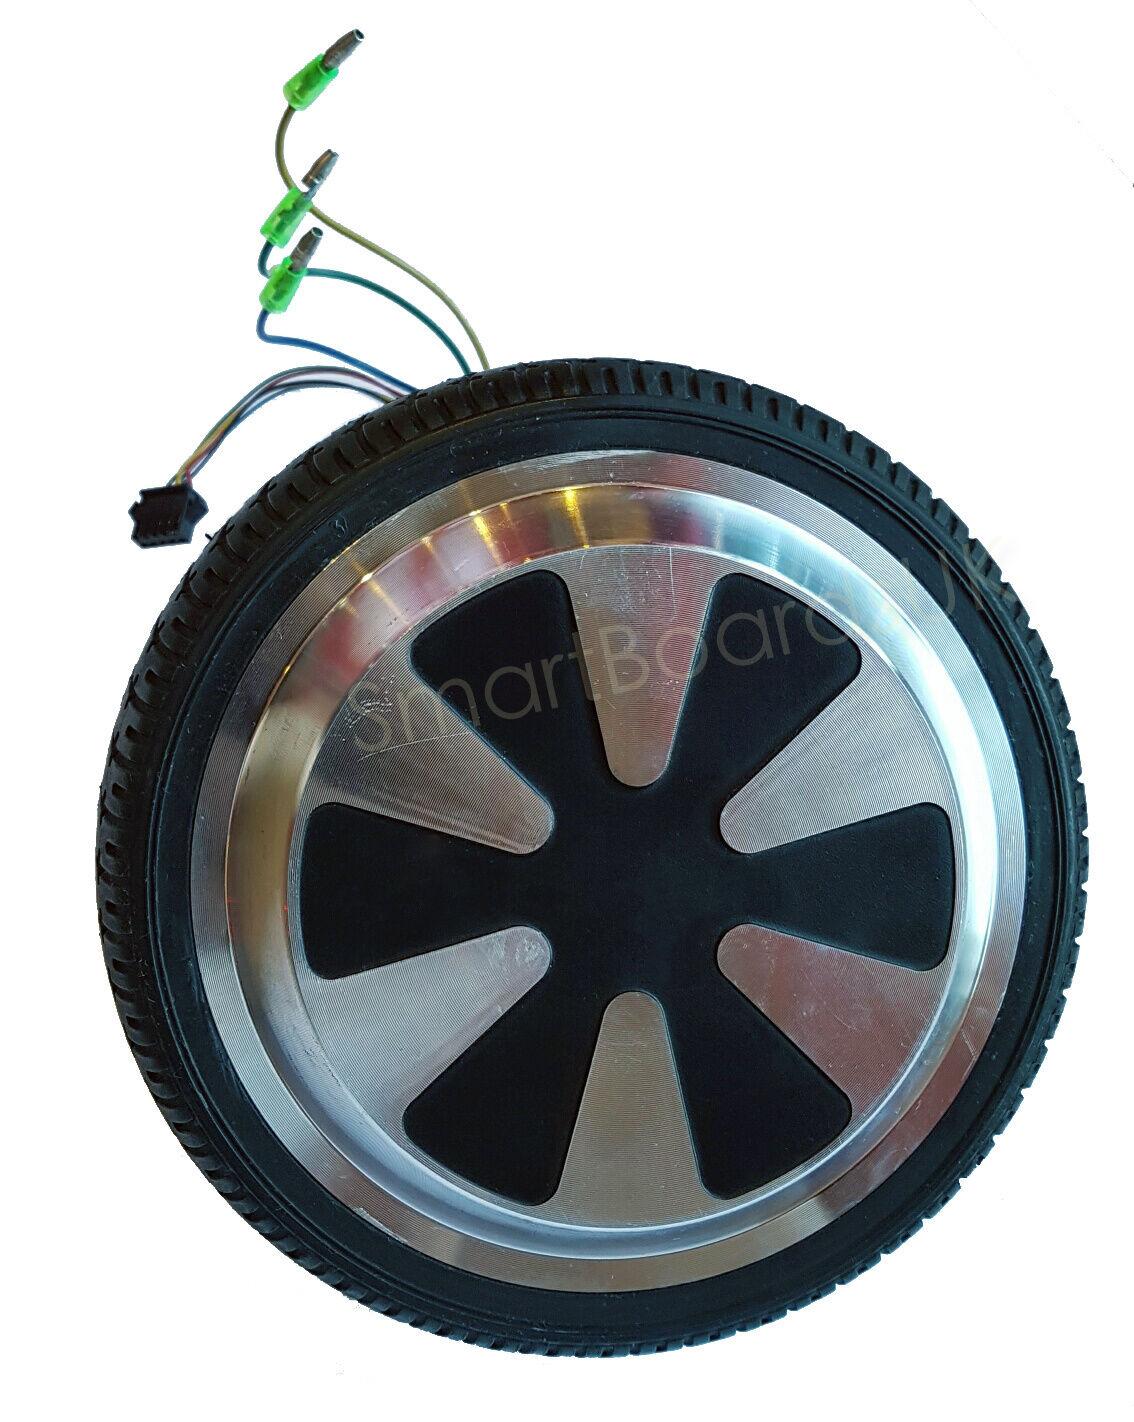 SINGLE Wheel / Motor for 6.5 Inch for Hoverboard, Sweg, Bala